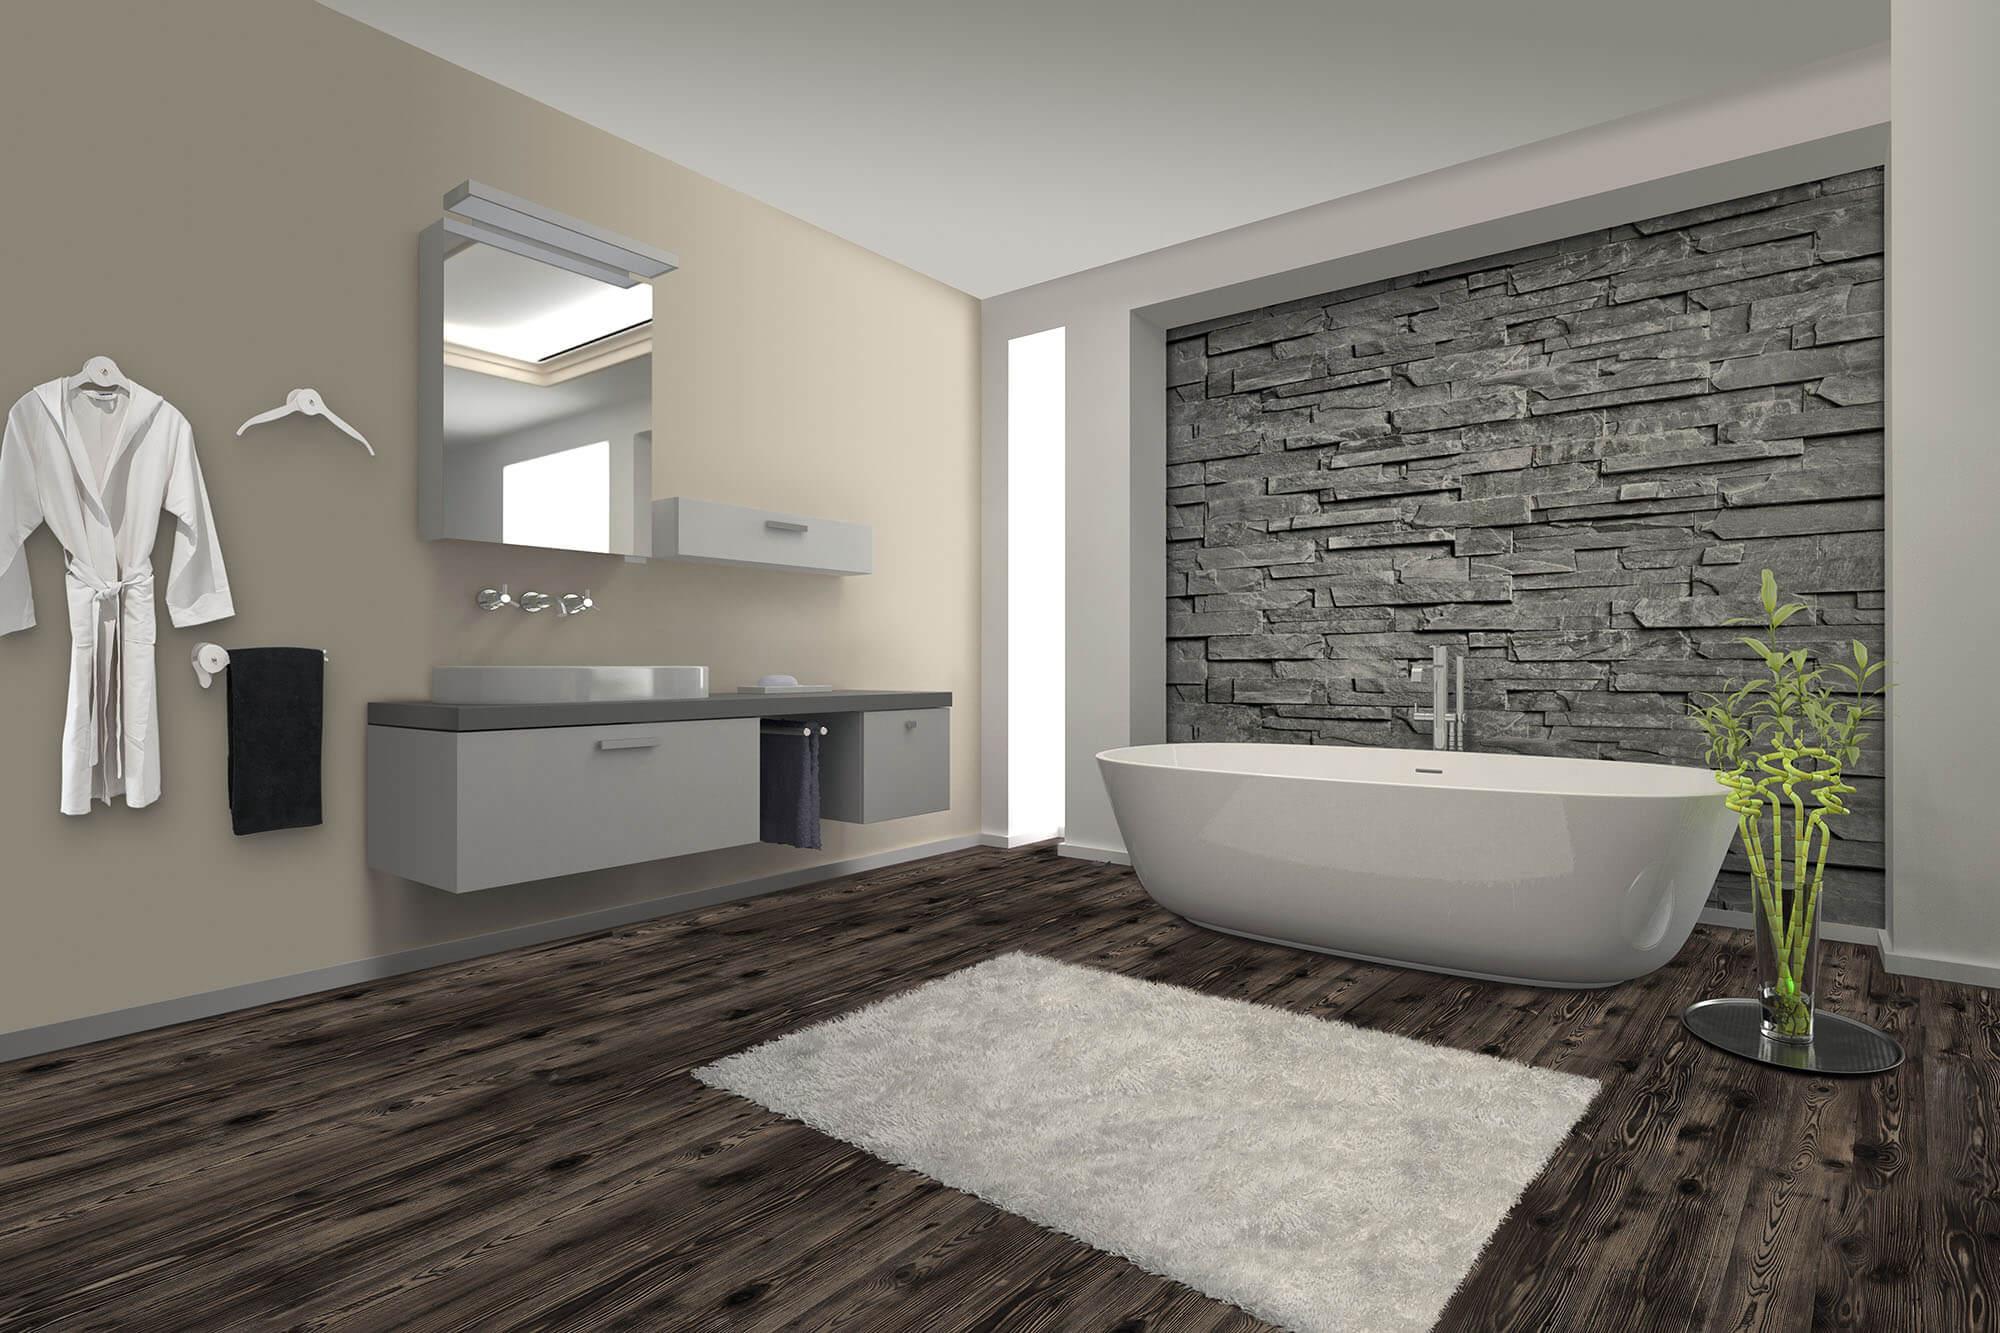 Riordinare con eleganza camera da letto bagno e ingresso - Appendiabiti per bagno ...